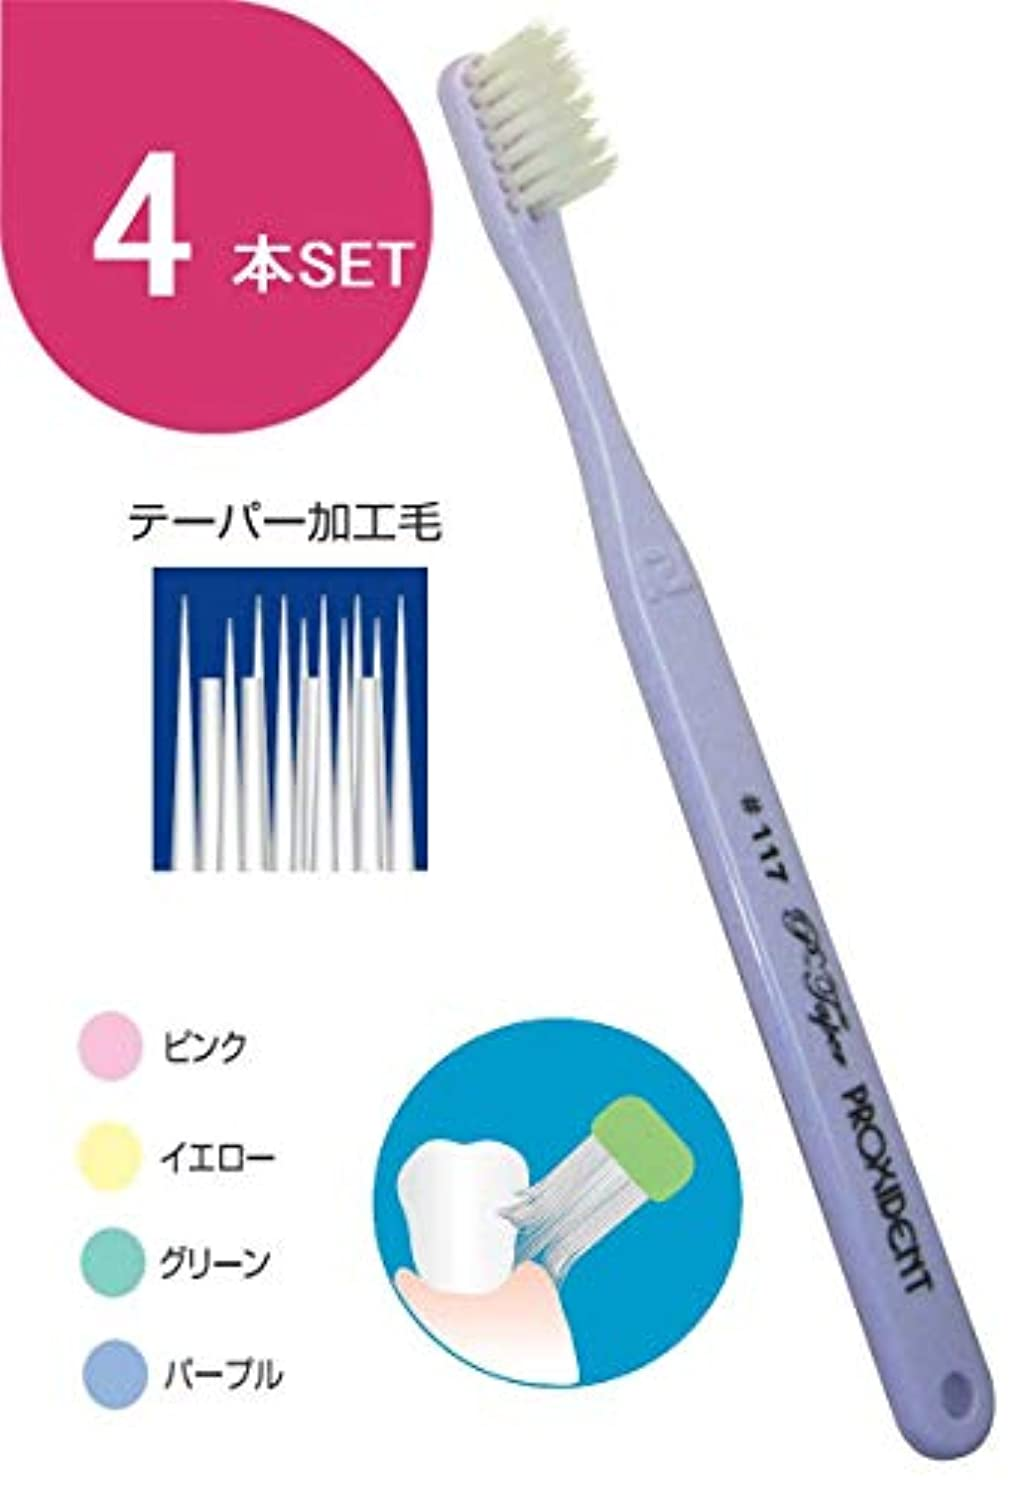 従順スペクトラム家禽プローデント プロキシデント コンパクトヘッド ピーテーパー 歯ブラシ #117 (4本)